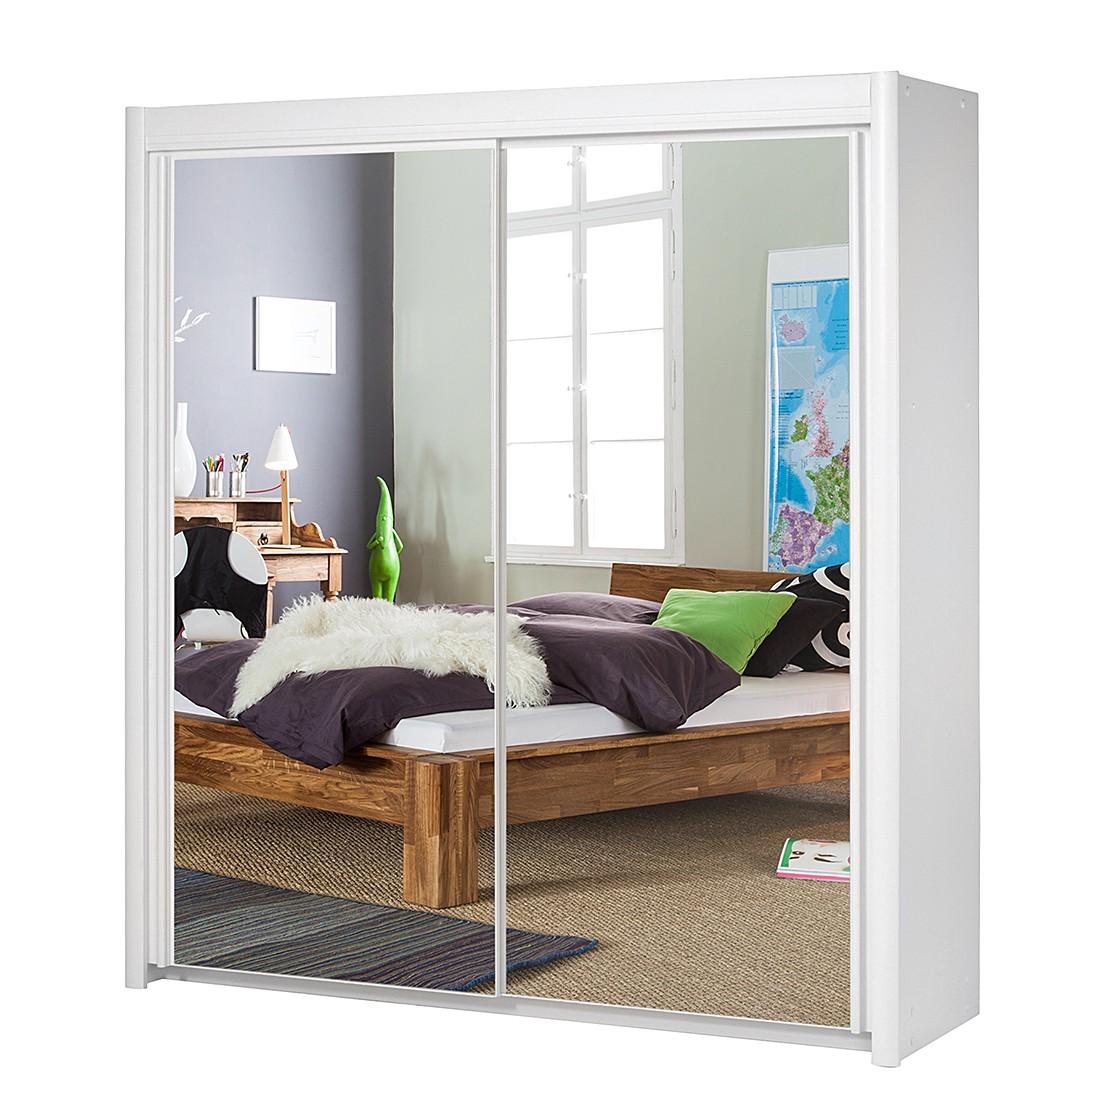 Schwebetürenschrank Carla I (Spiegelfront) – Weiß – Schrankbreite: 156 cm – 2-türig, Parisot Meubles online kaufen